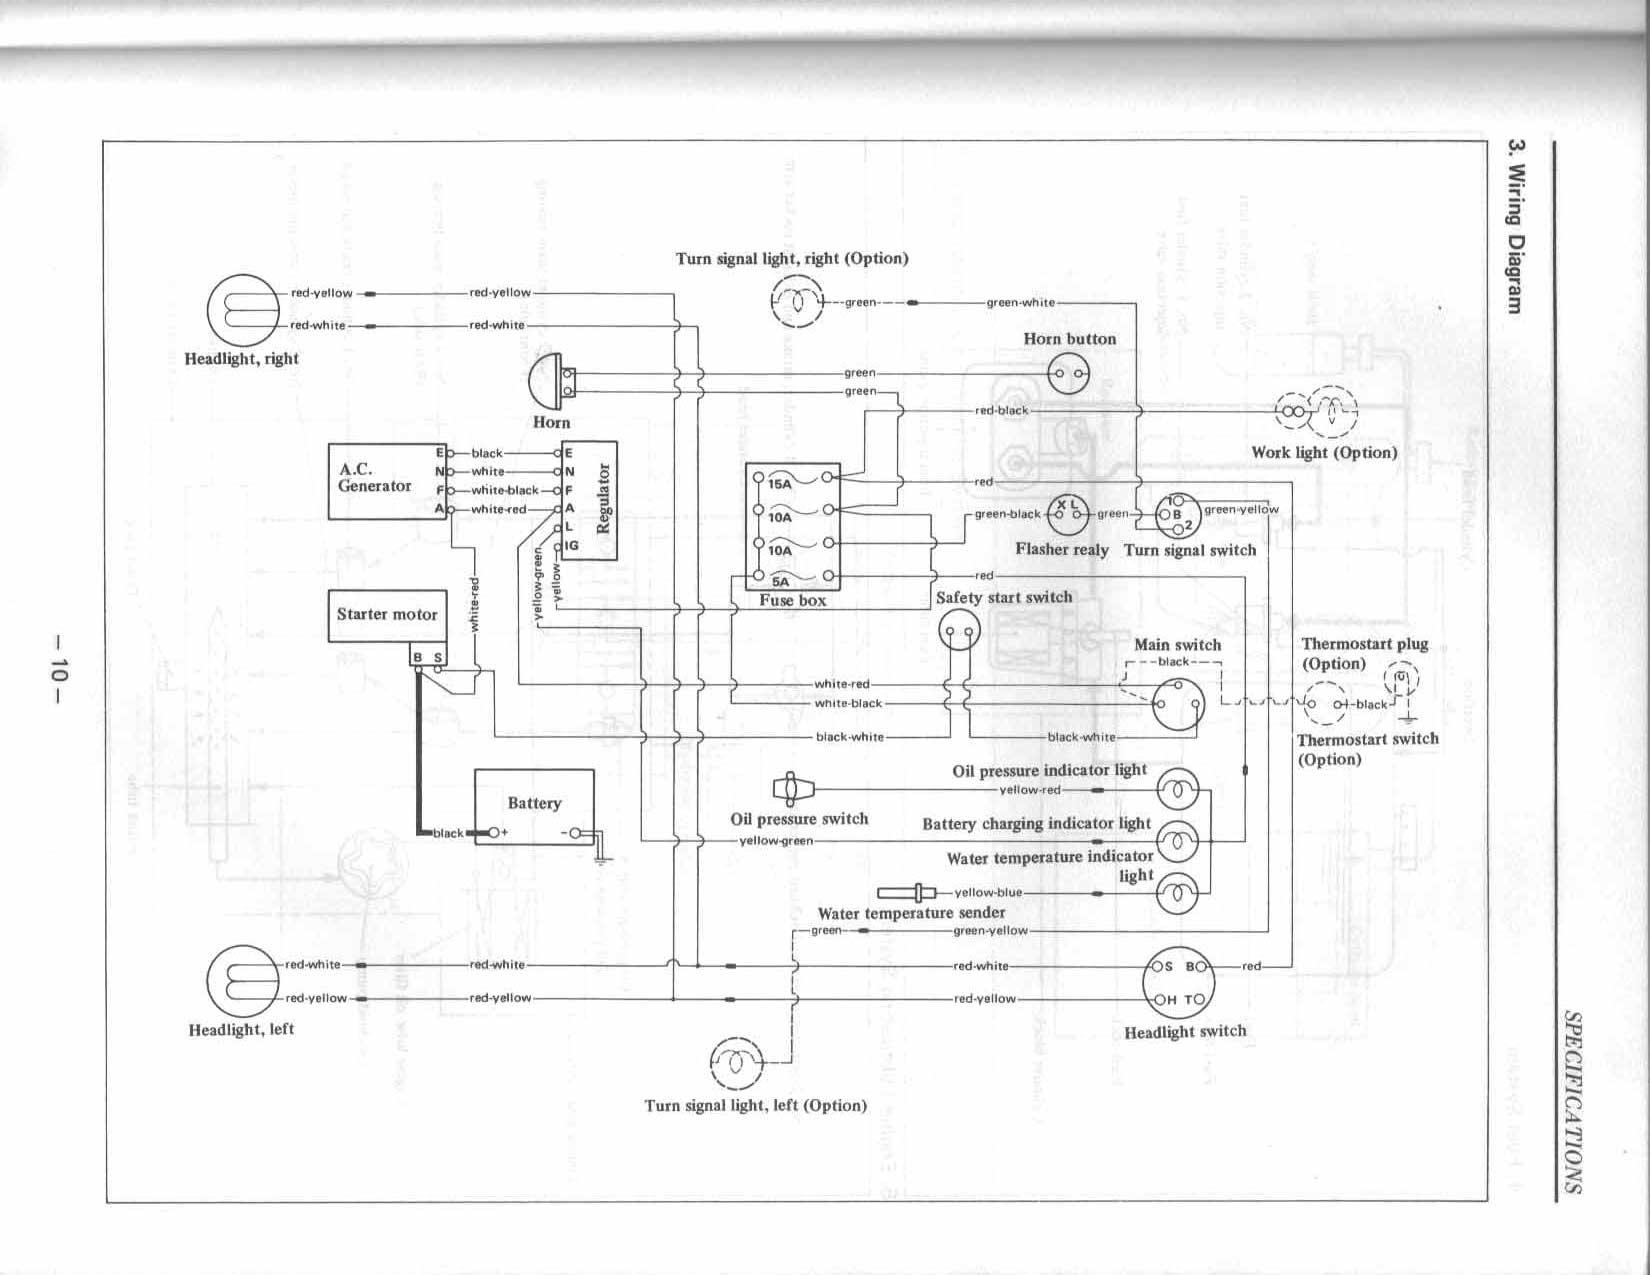 kubota bx wiring diagram wiring diagrams wiring diagram for kubota g4200 car